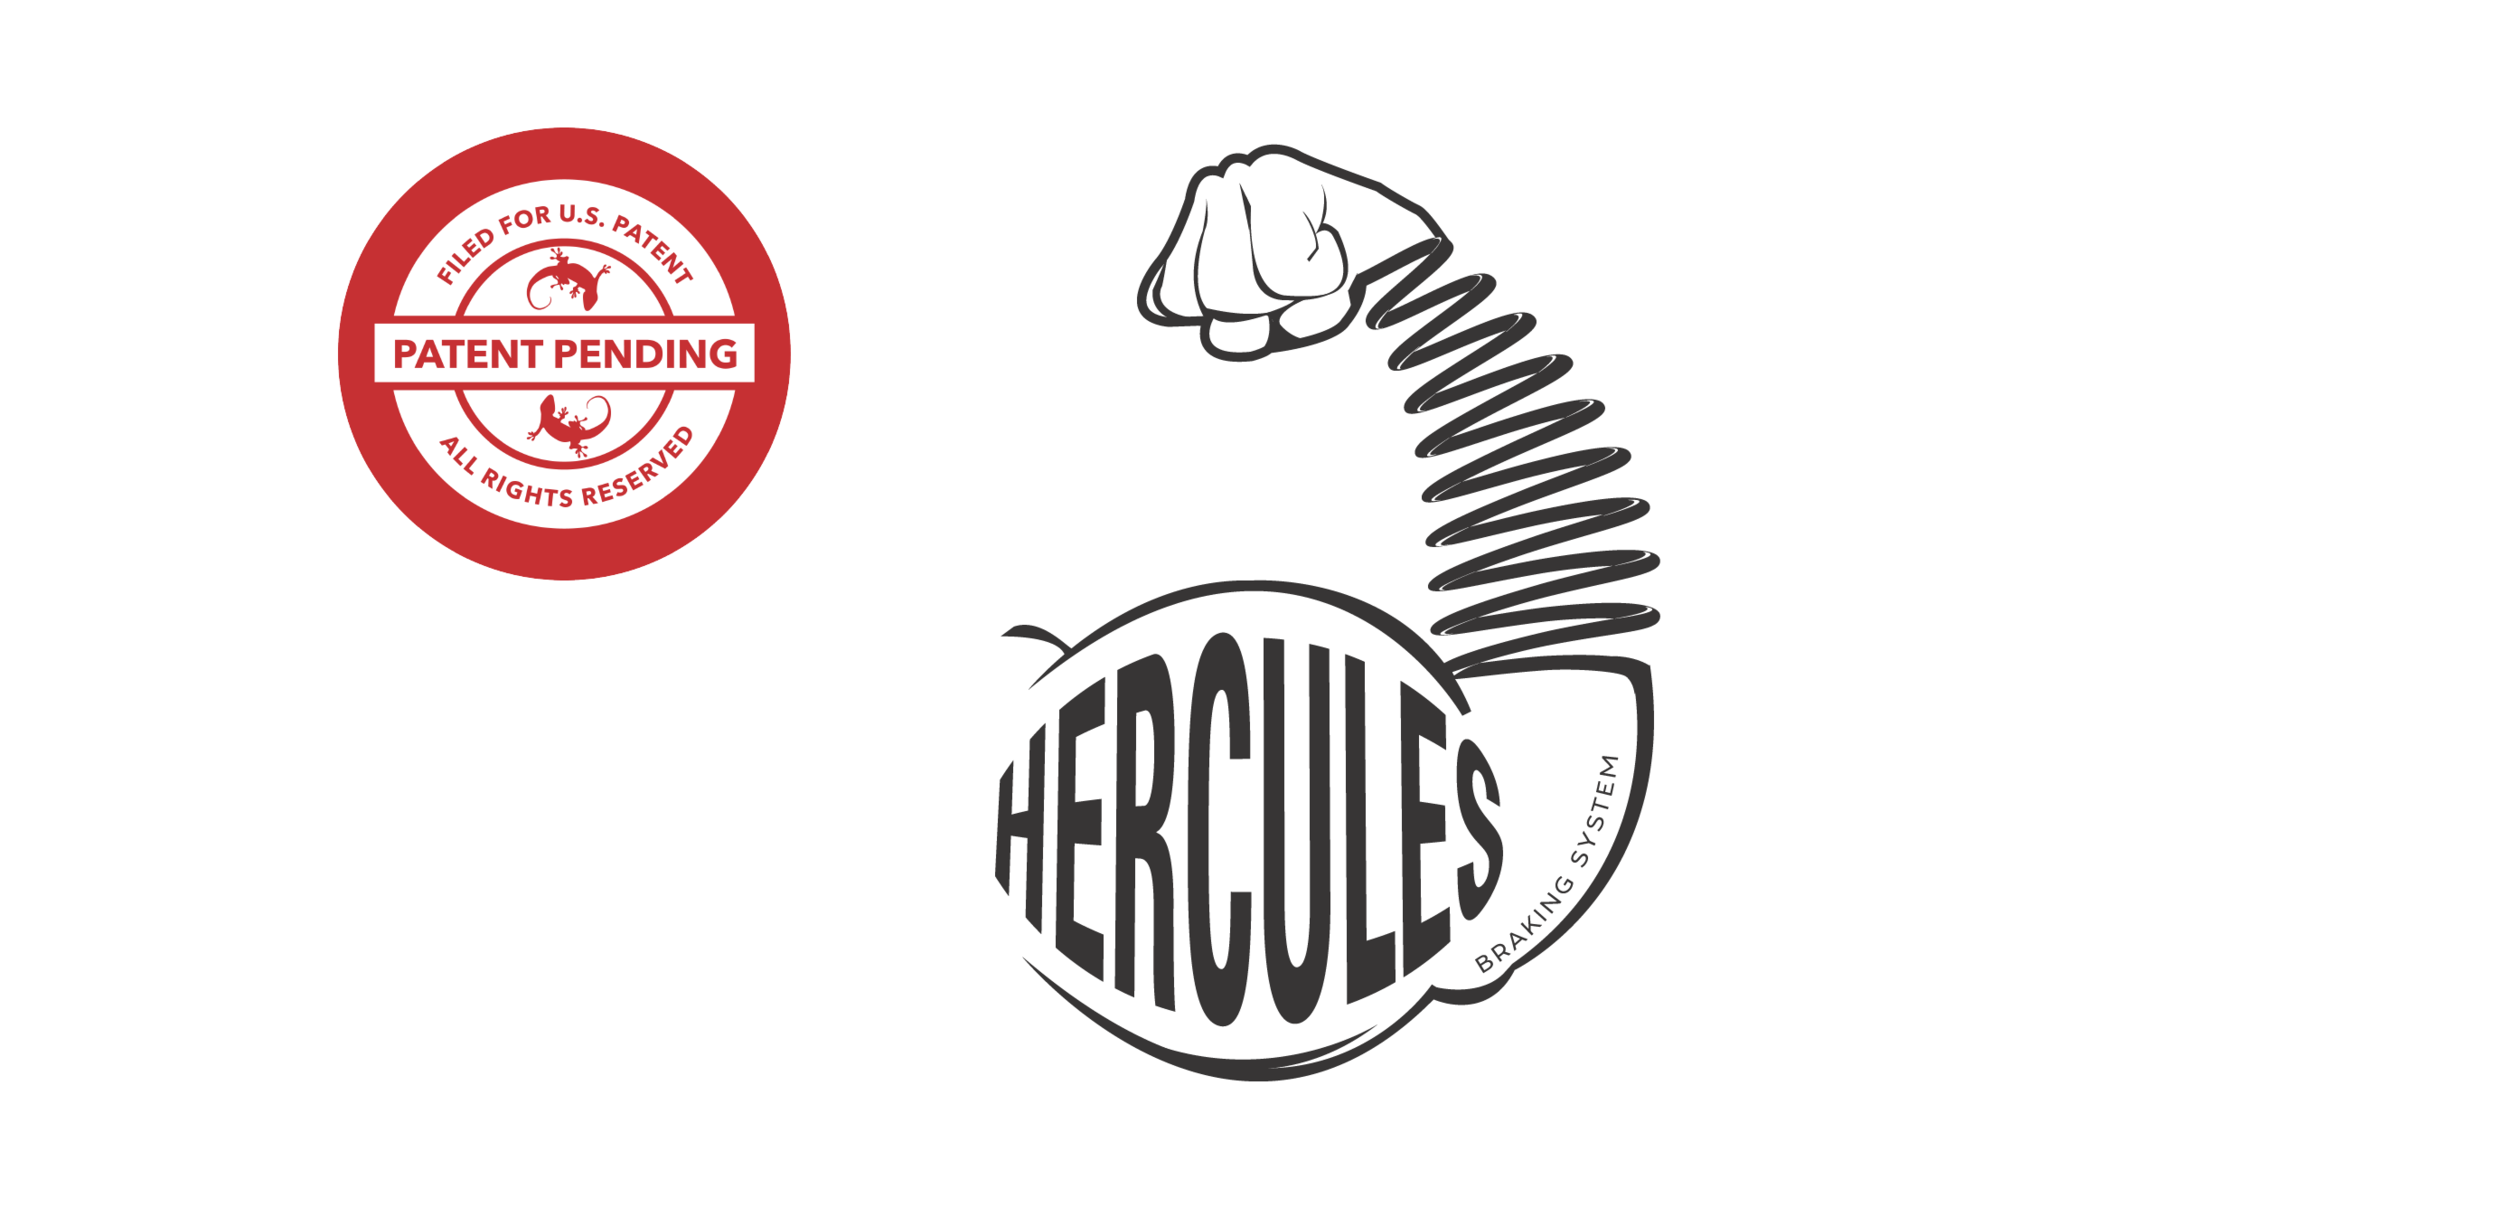 Hercules Patent Pending